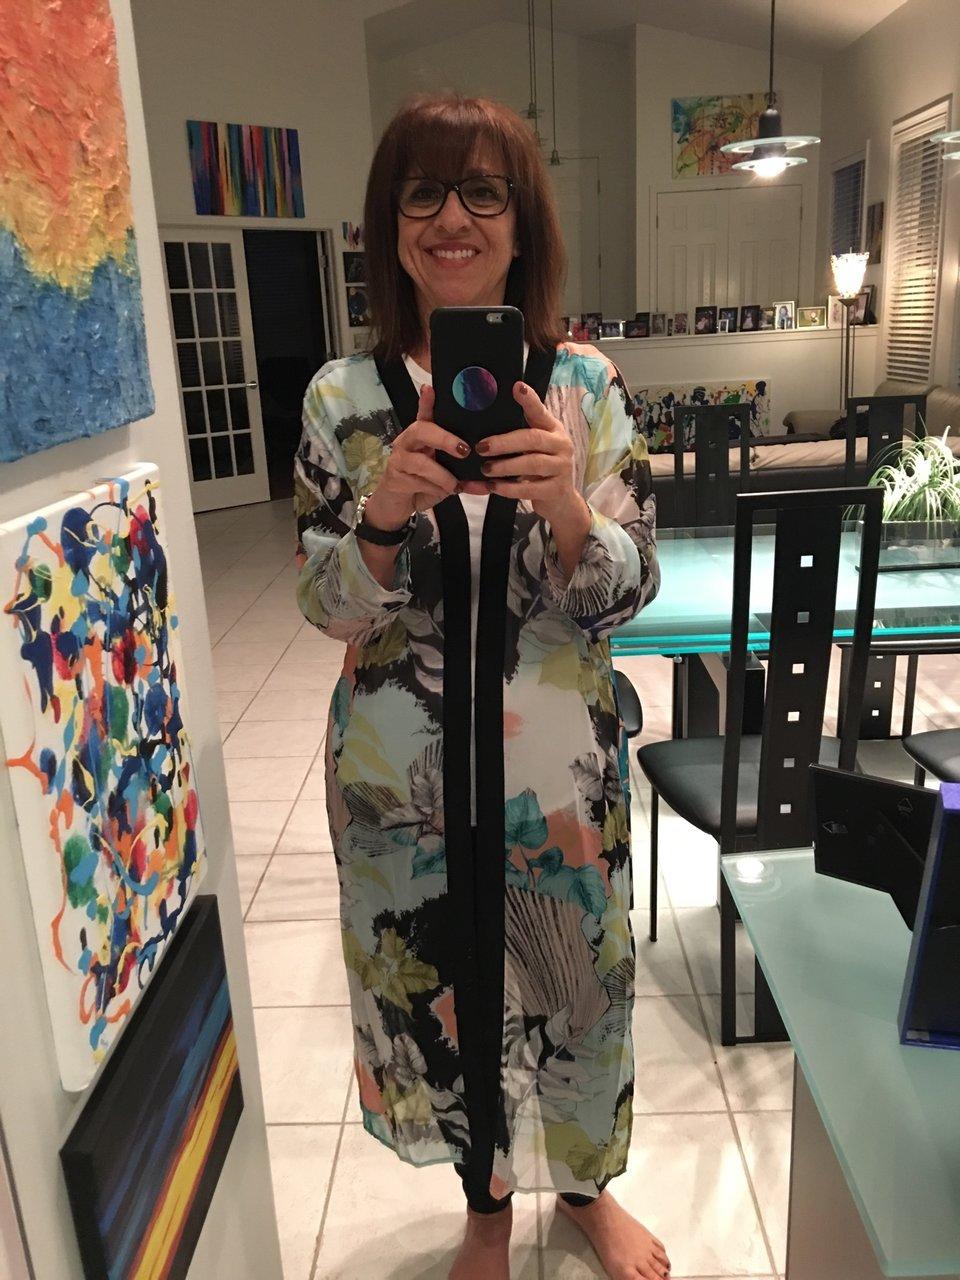 「友人の70歳の誕生日に着ていこうかな」とアーティストの友人